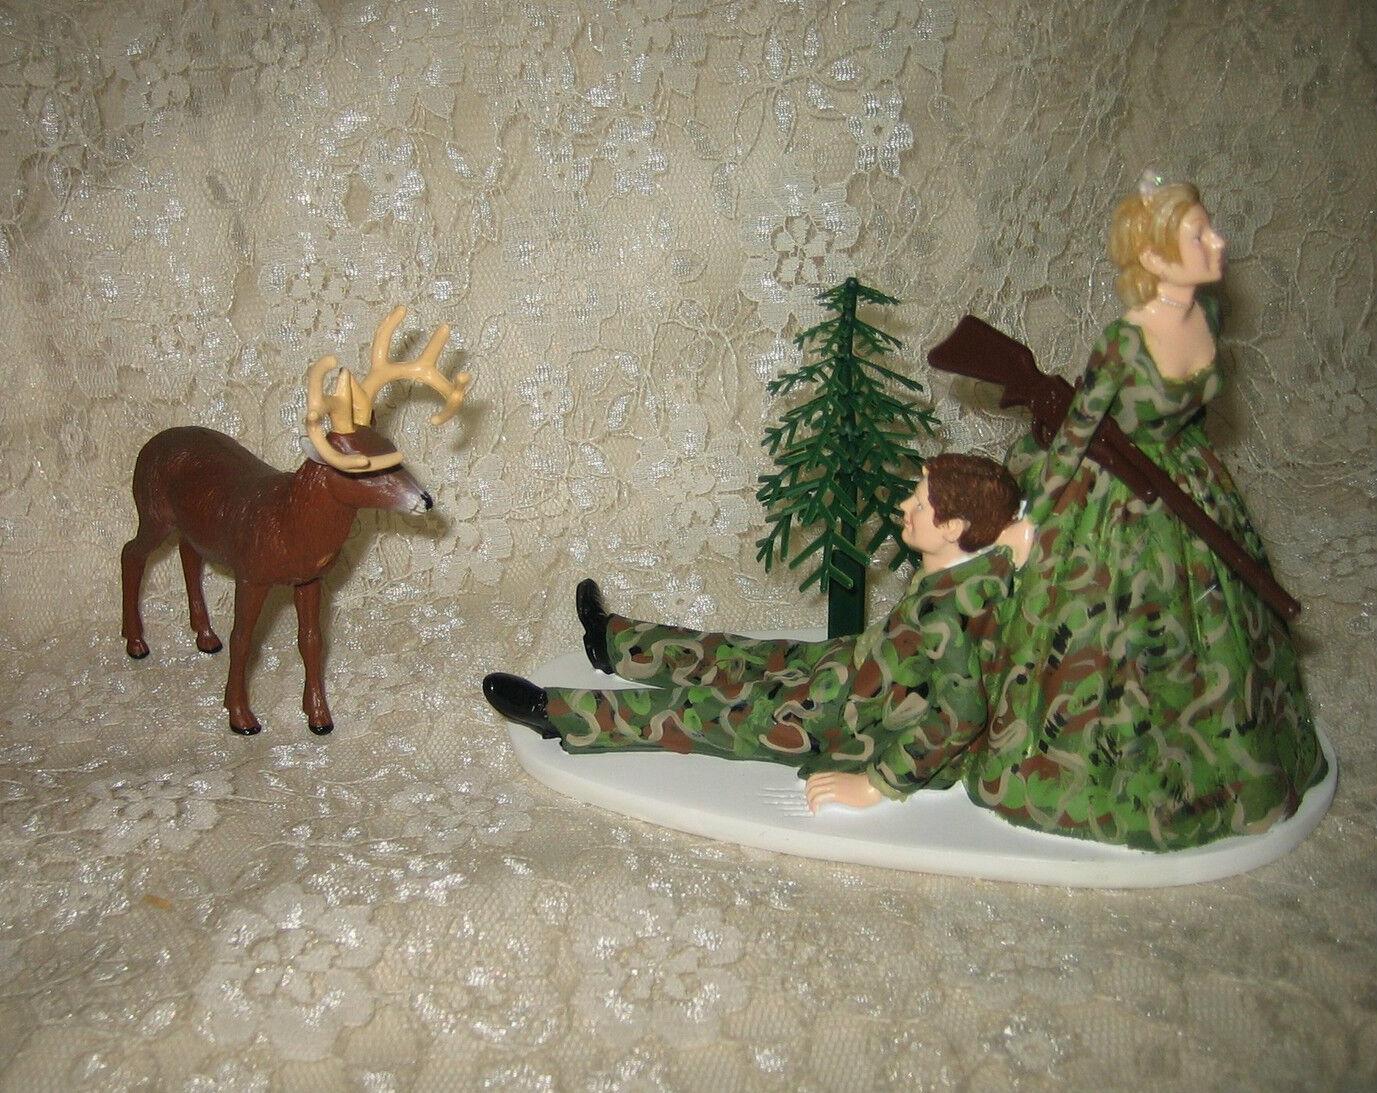 Mariage Fête Réception  bouseu Cake Topper  Mariée et marié Camo Deer Hunter